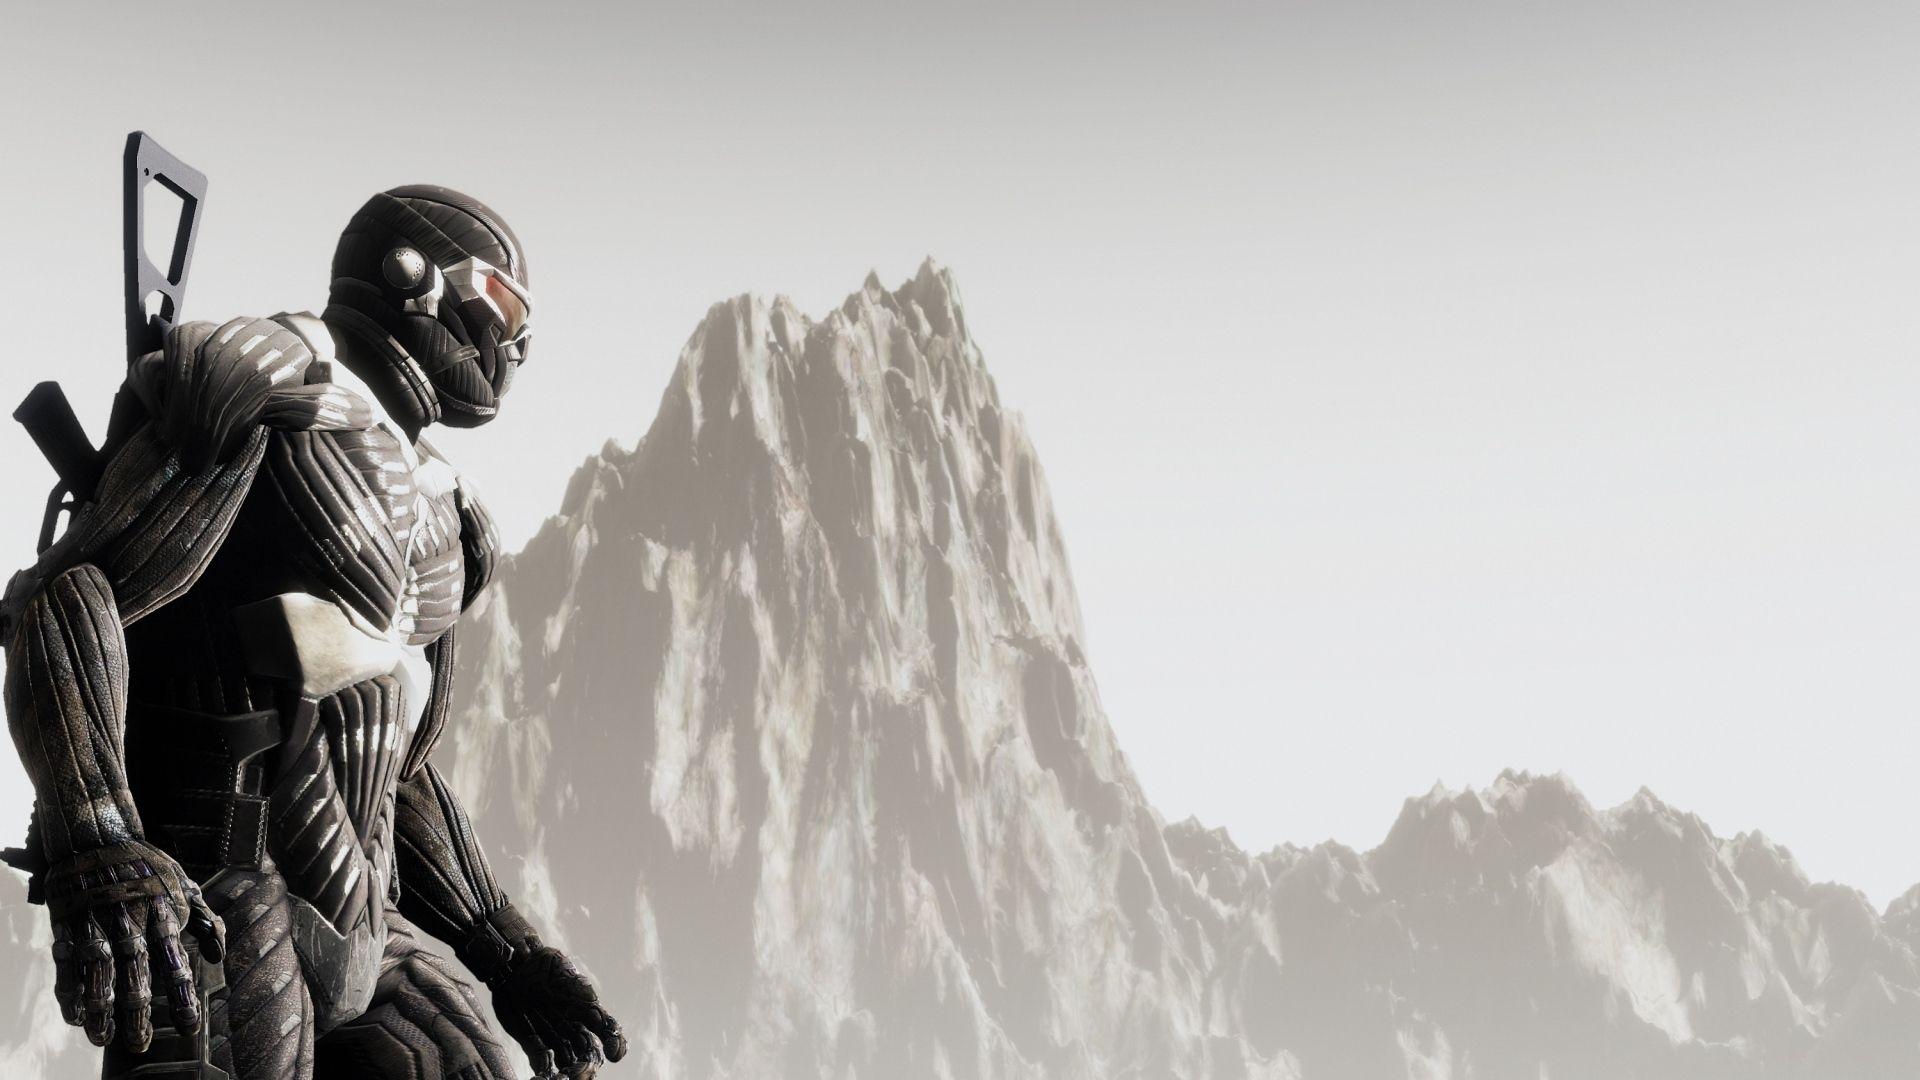 download crysis costume mountain look prophet alcatraz wallpaper for